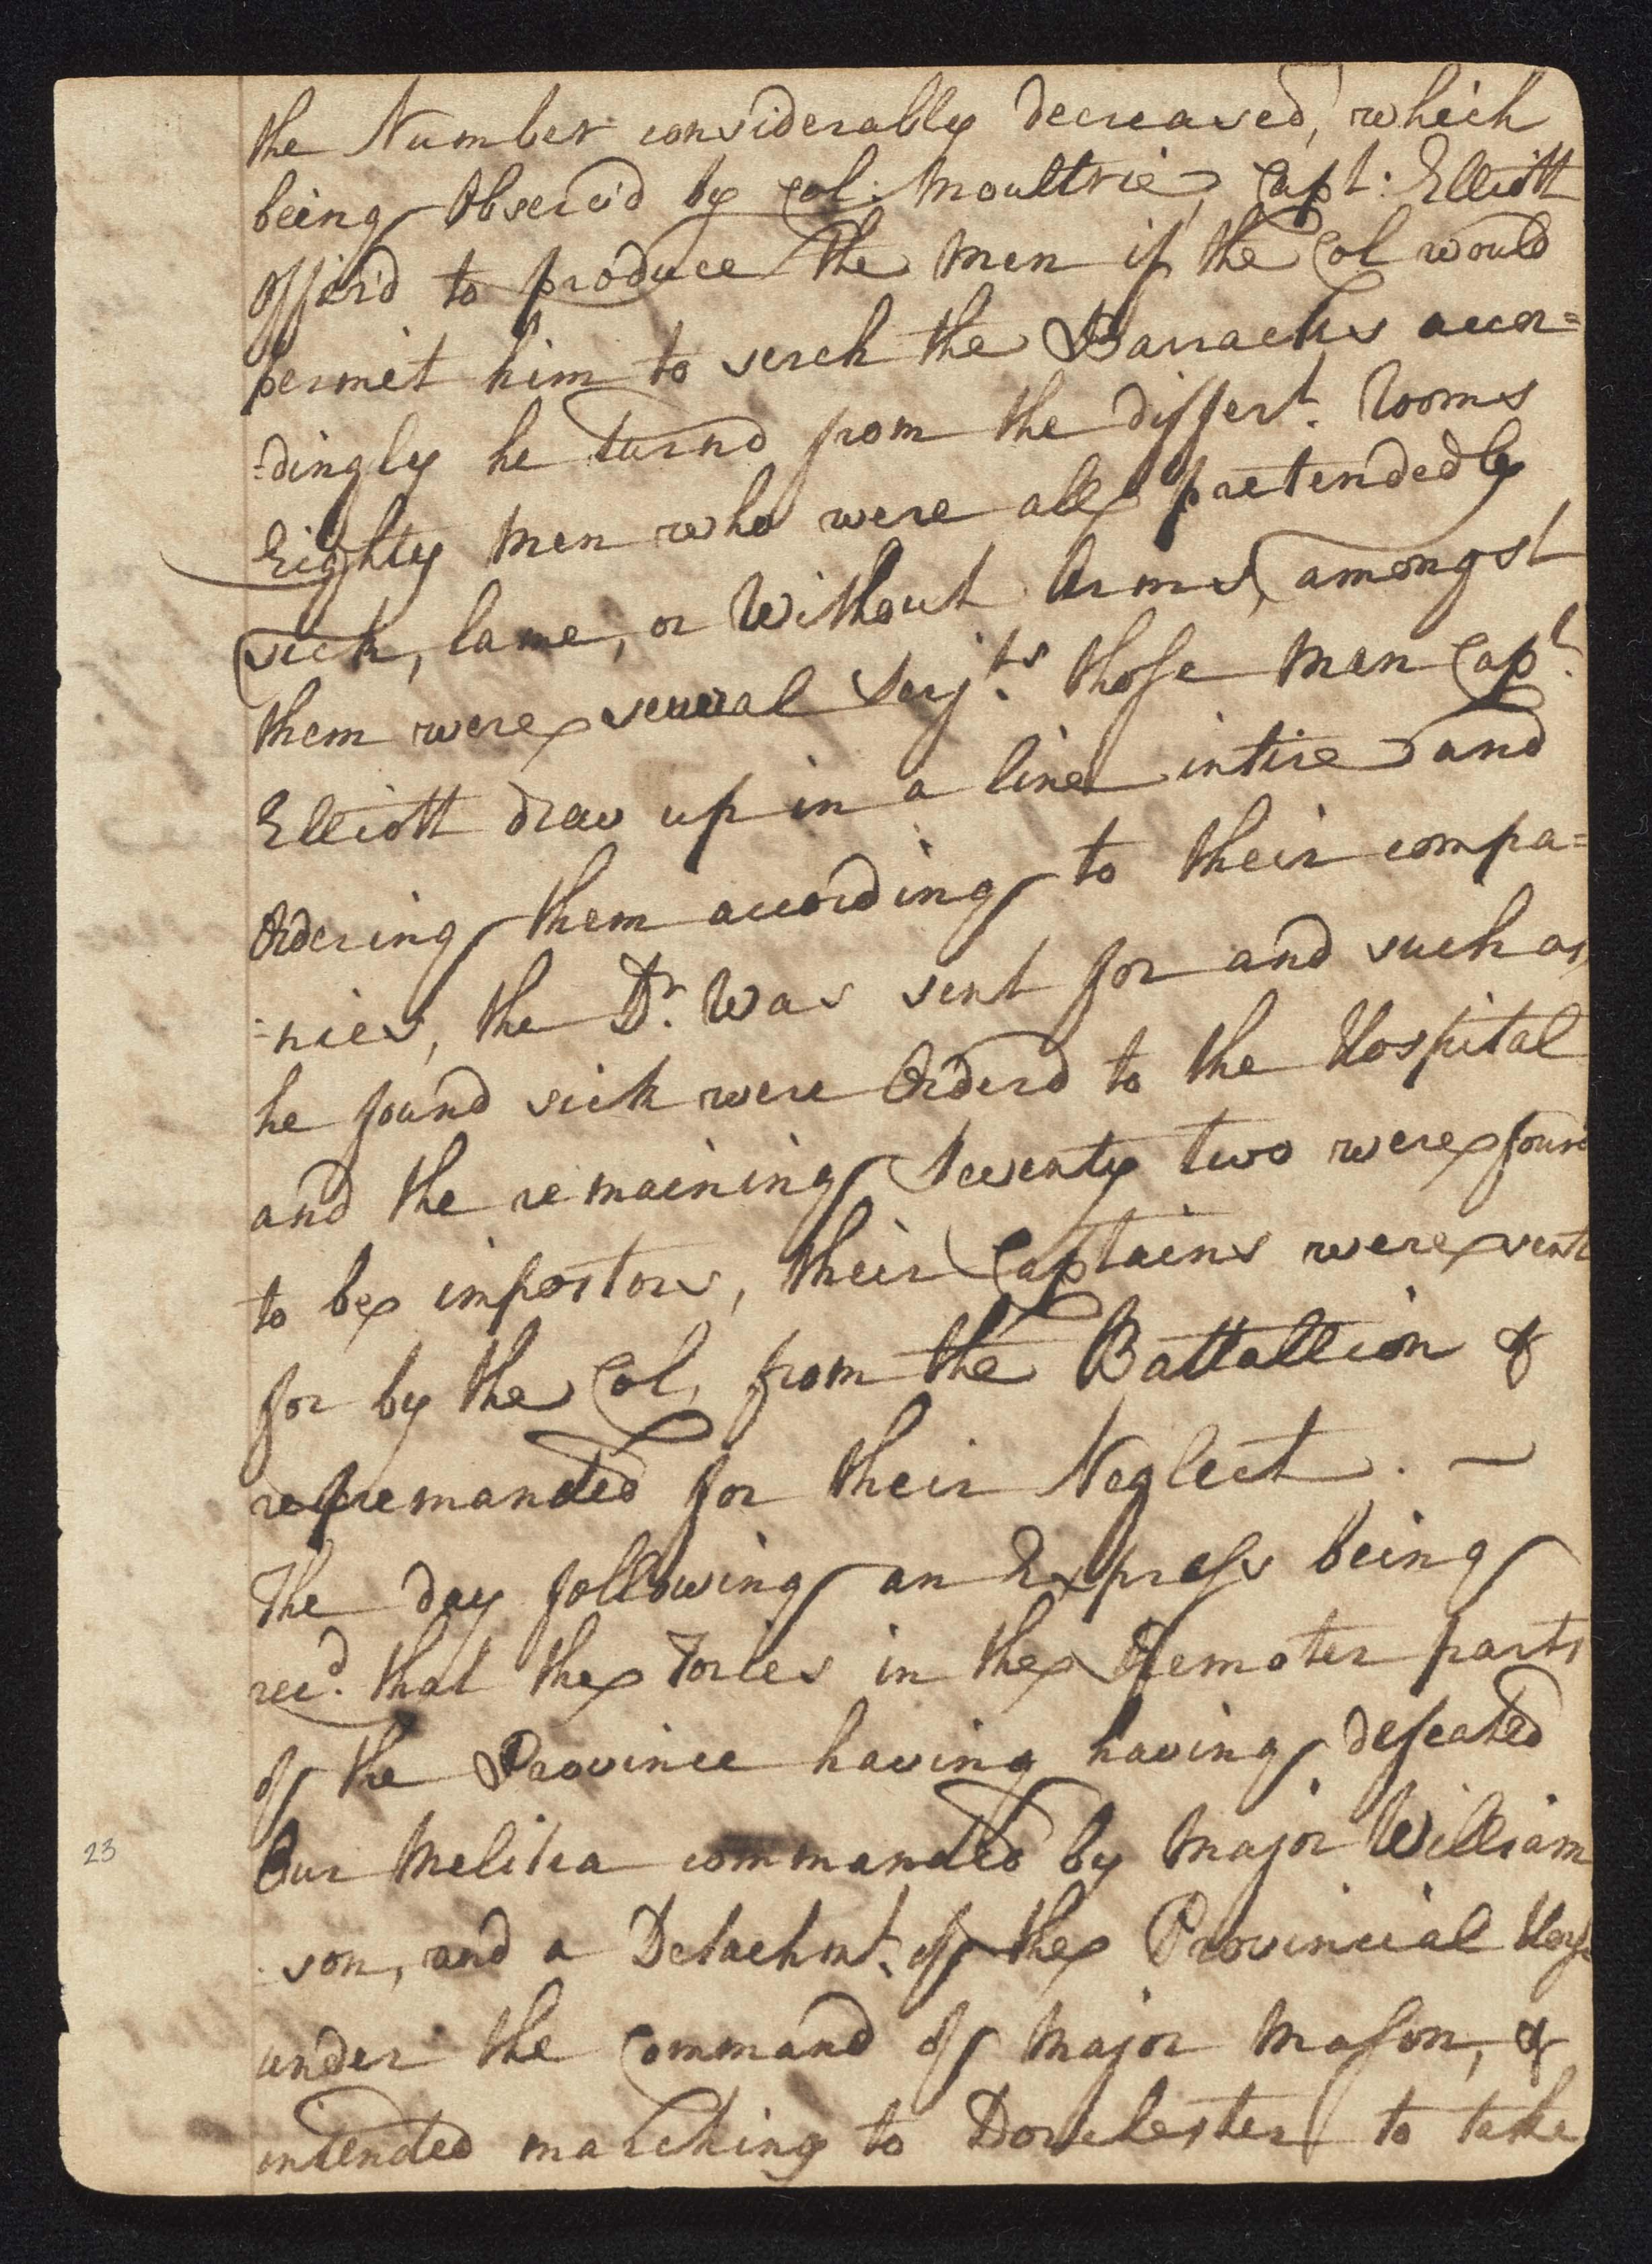 South Carolina Regiment Order Book, Page 45